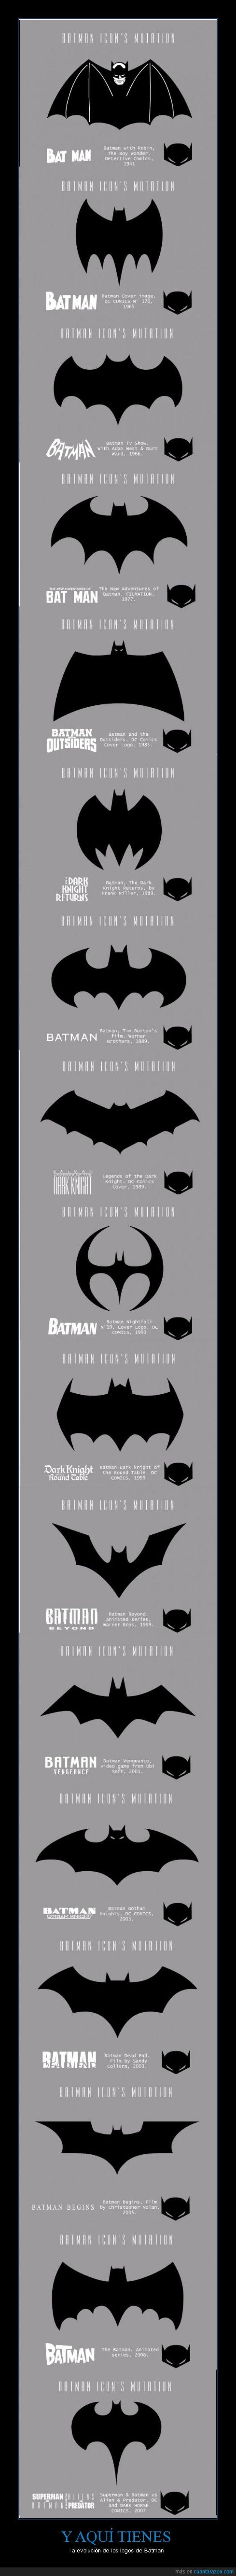 Batman,cambio,evolucion,logo